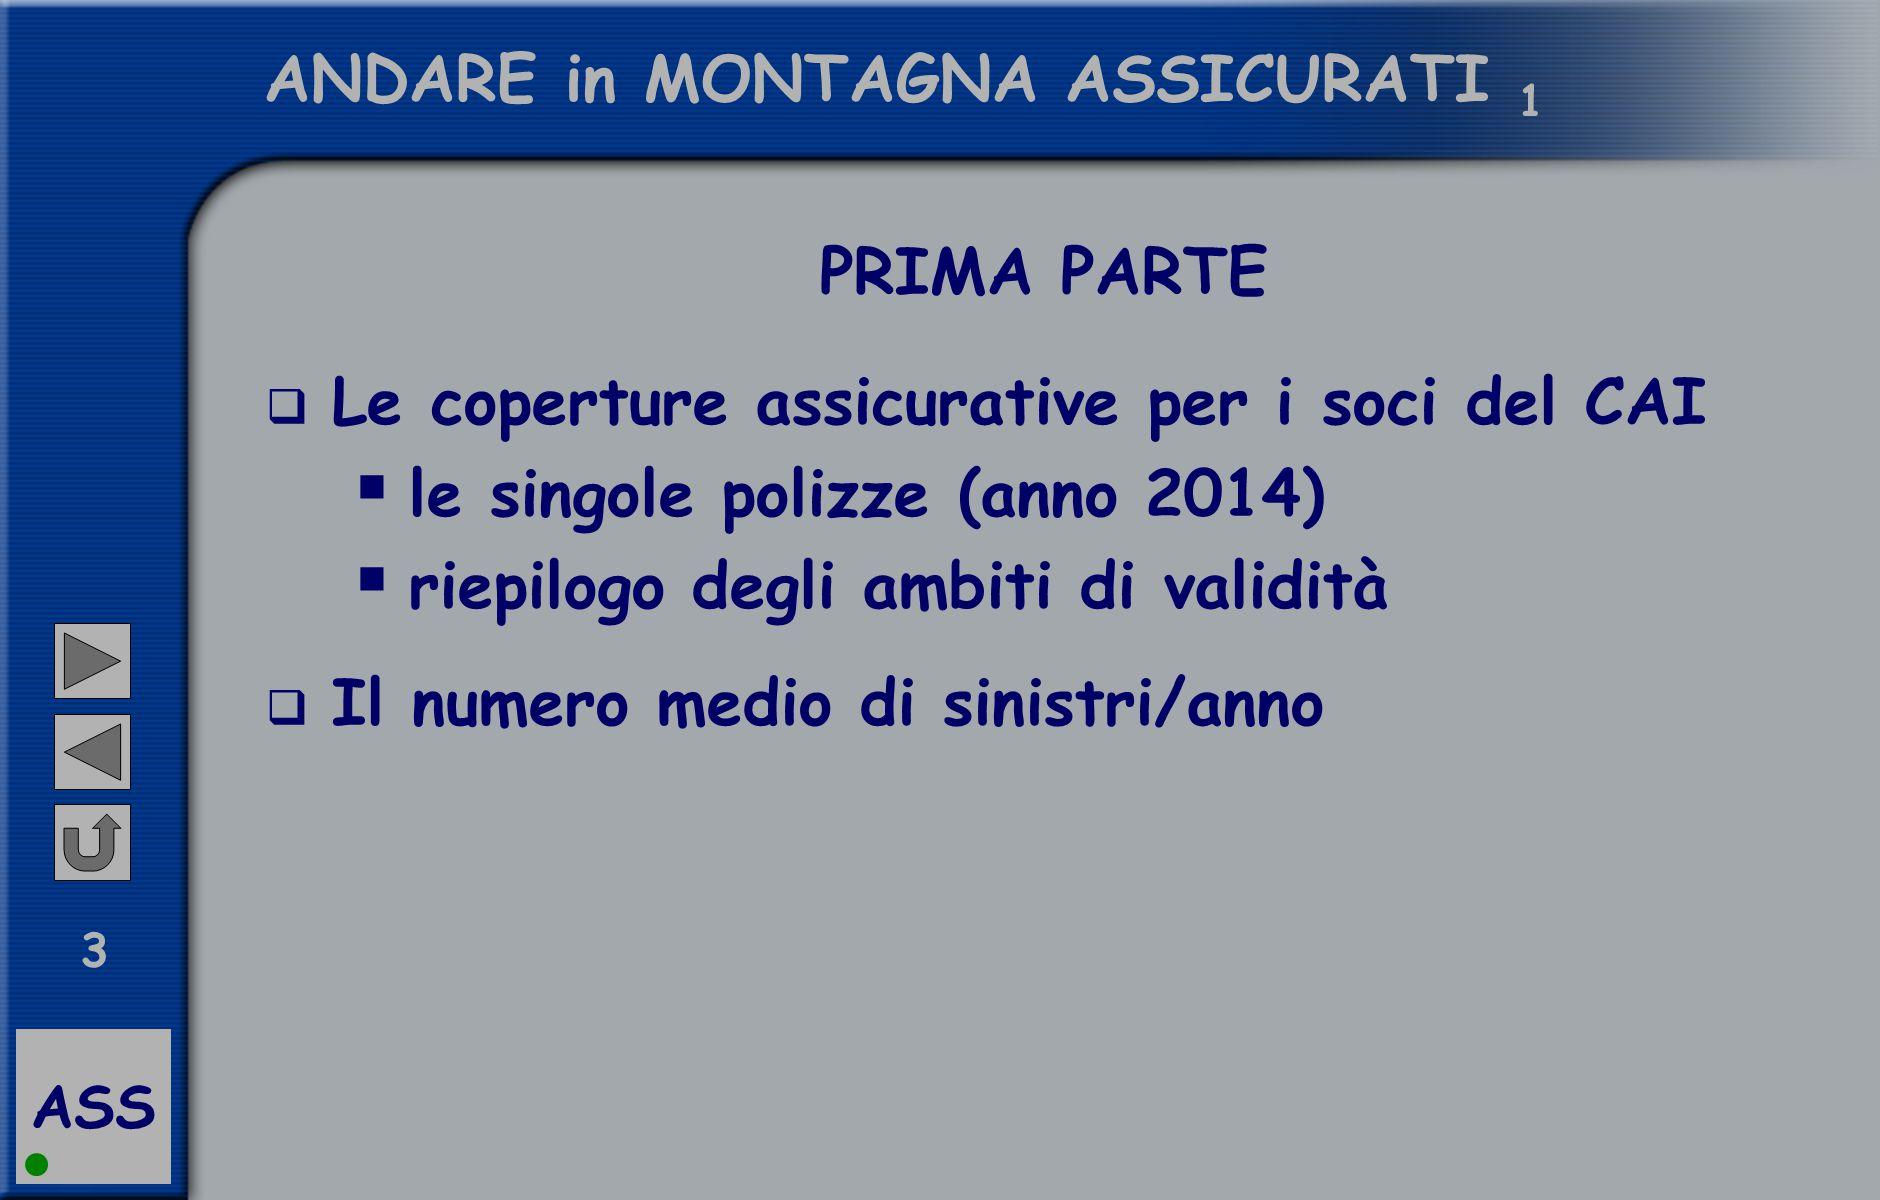 ASS 4 ANDARE in MONTAGNA ASSICURATI SECONDA PARTE  Qualche punto di attenzione per gli accompagnatori  Infortuni  Soccorso alpino